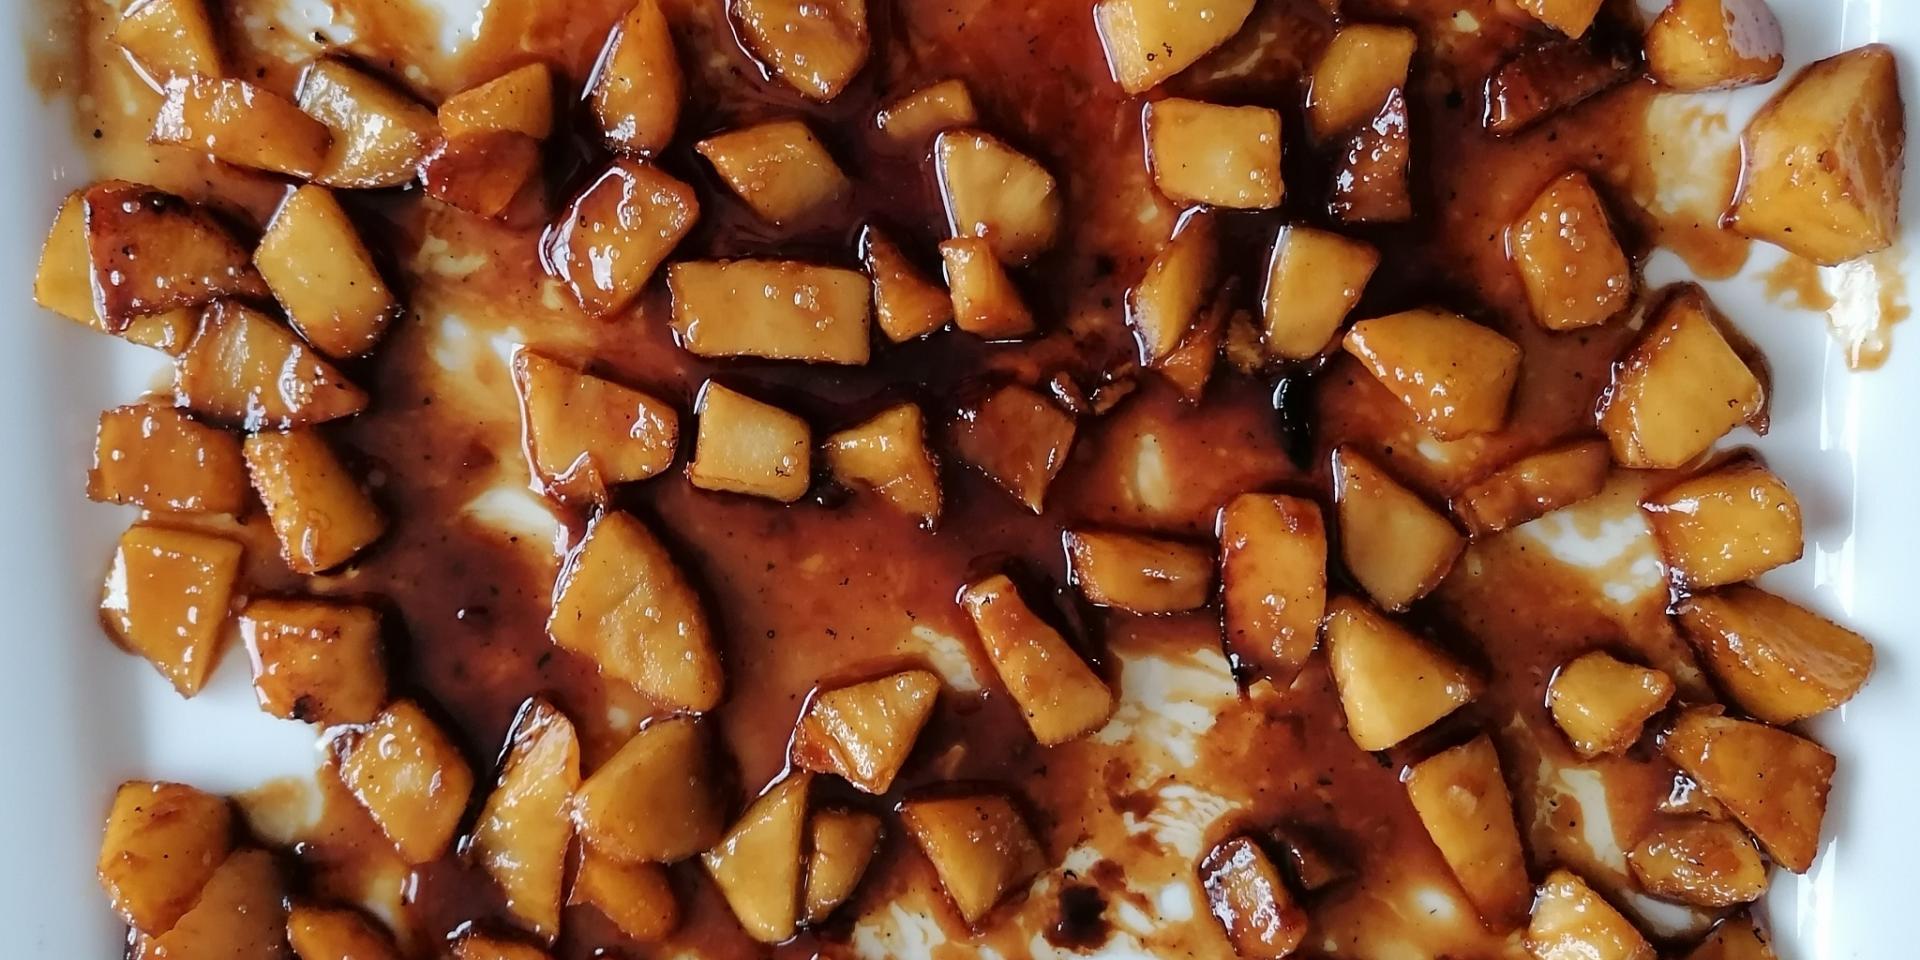 Cookies Aux Pommes Laisser Refroidir Les Pommes